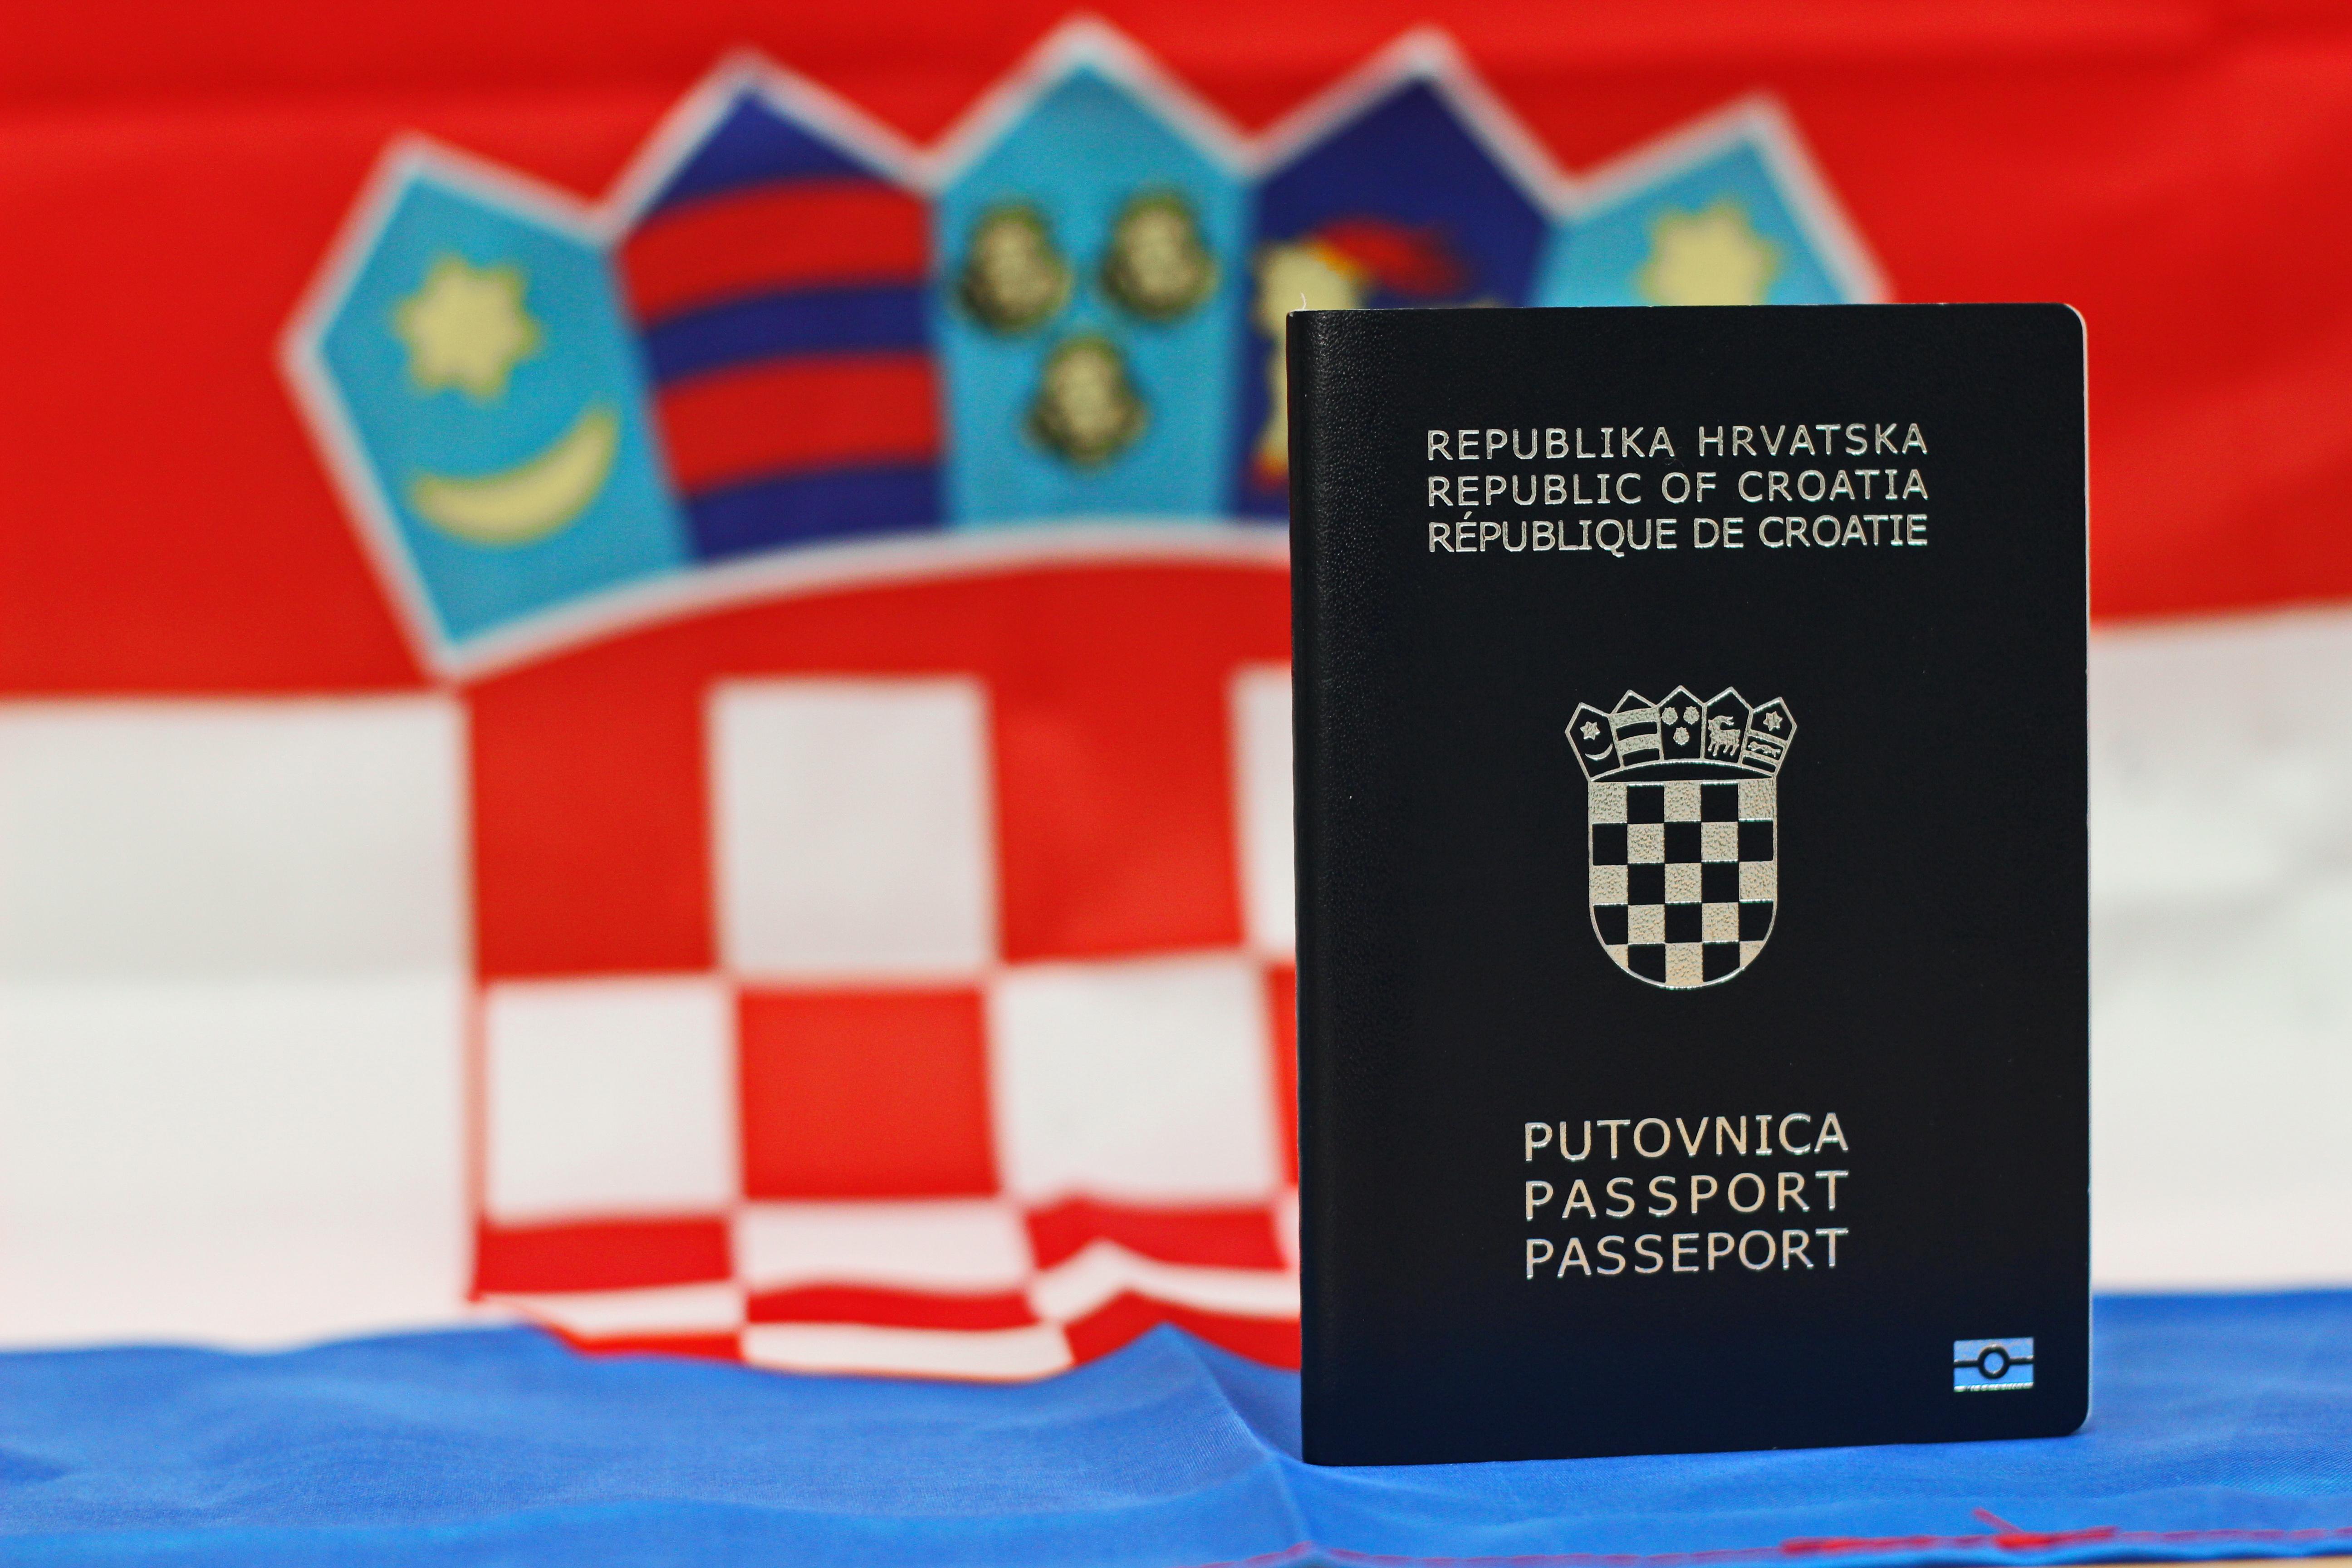 Флаг и паспорт Хорватии, гражданство которой могут получить иностранцы